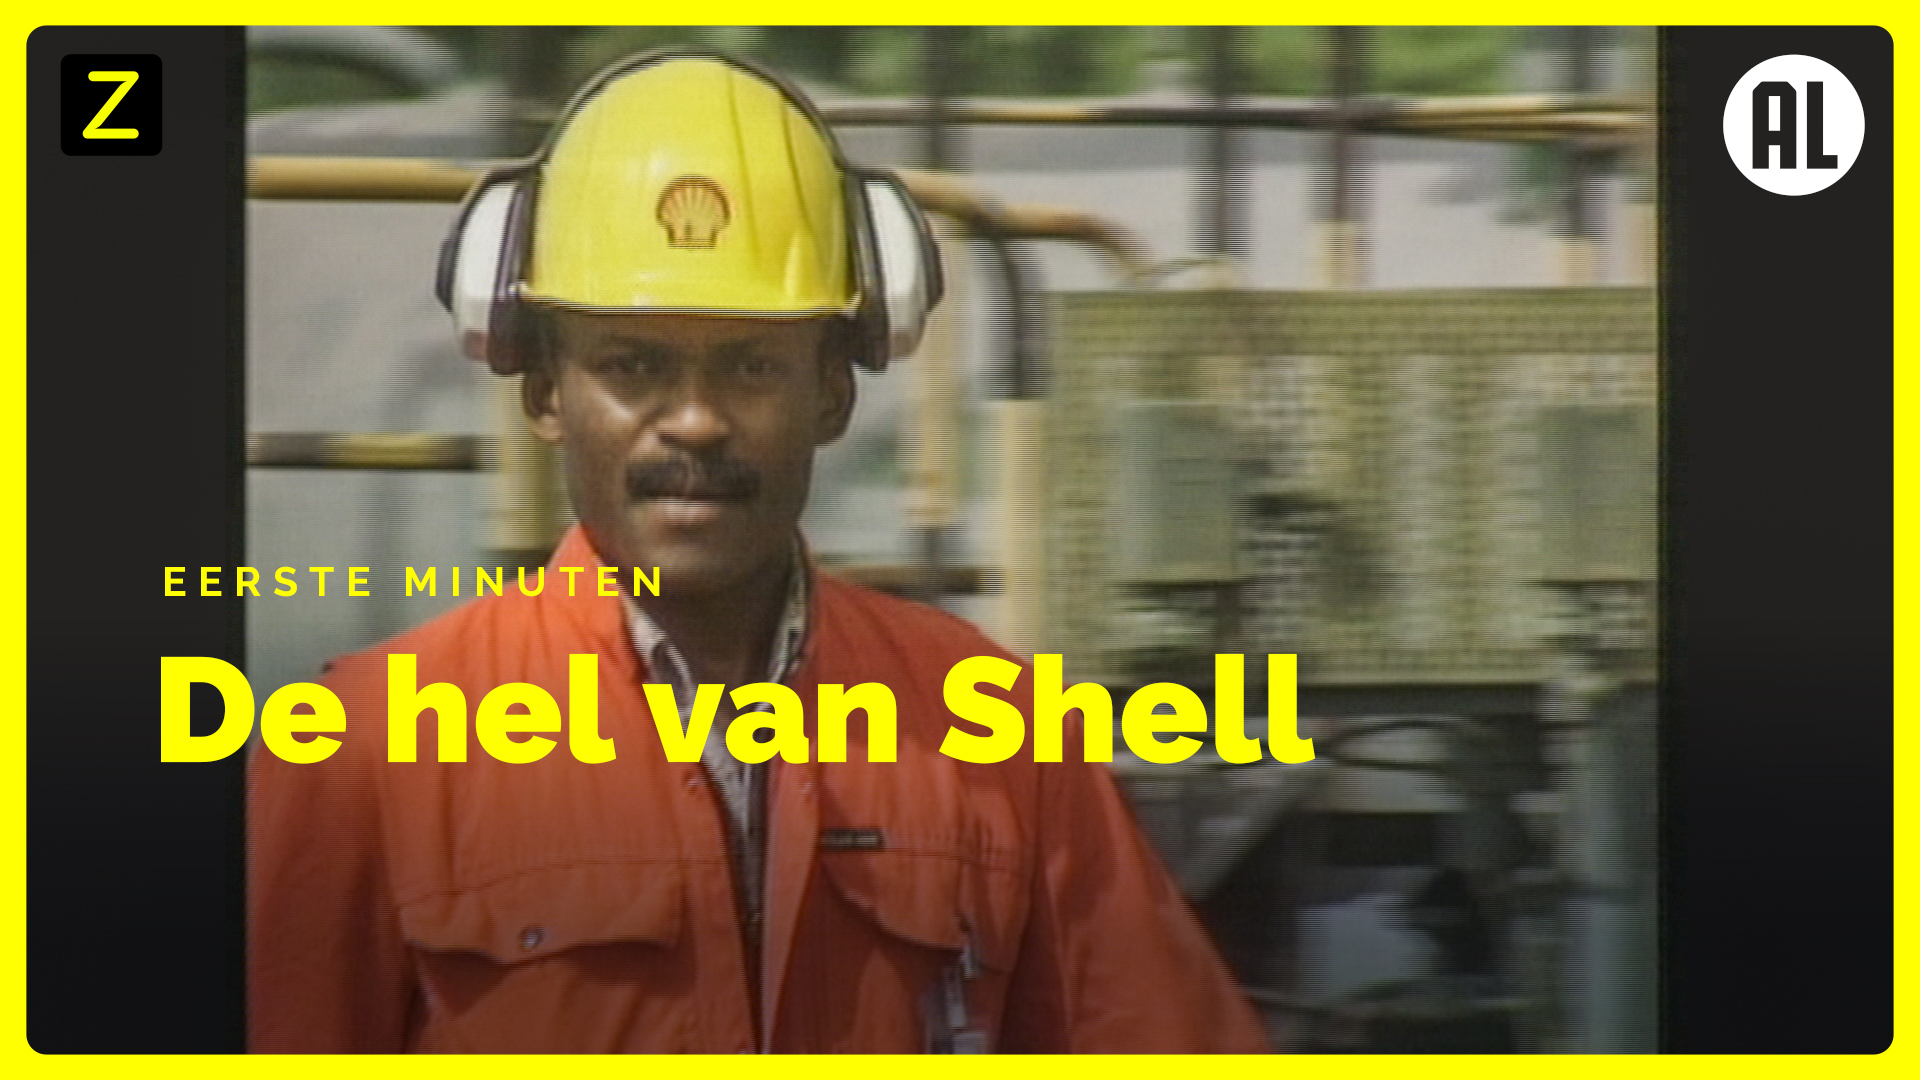 Afbeelding van Eerste minuten uit 'De hel van Shell'